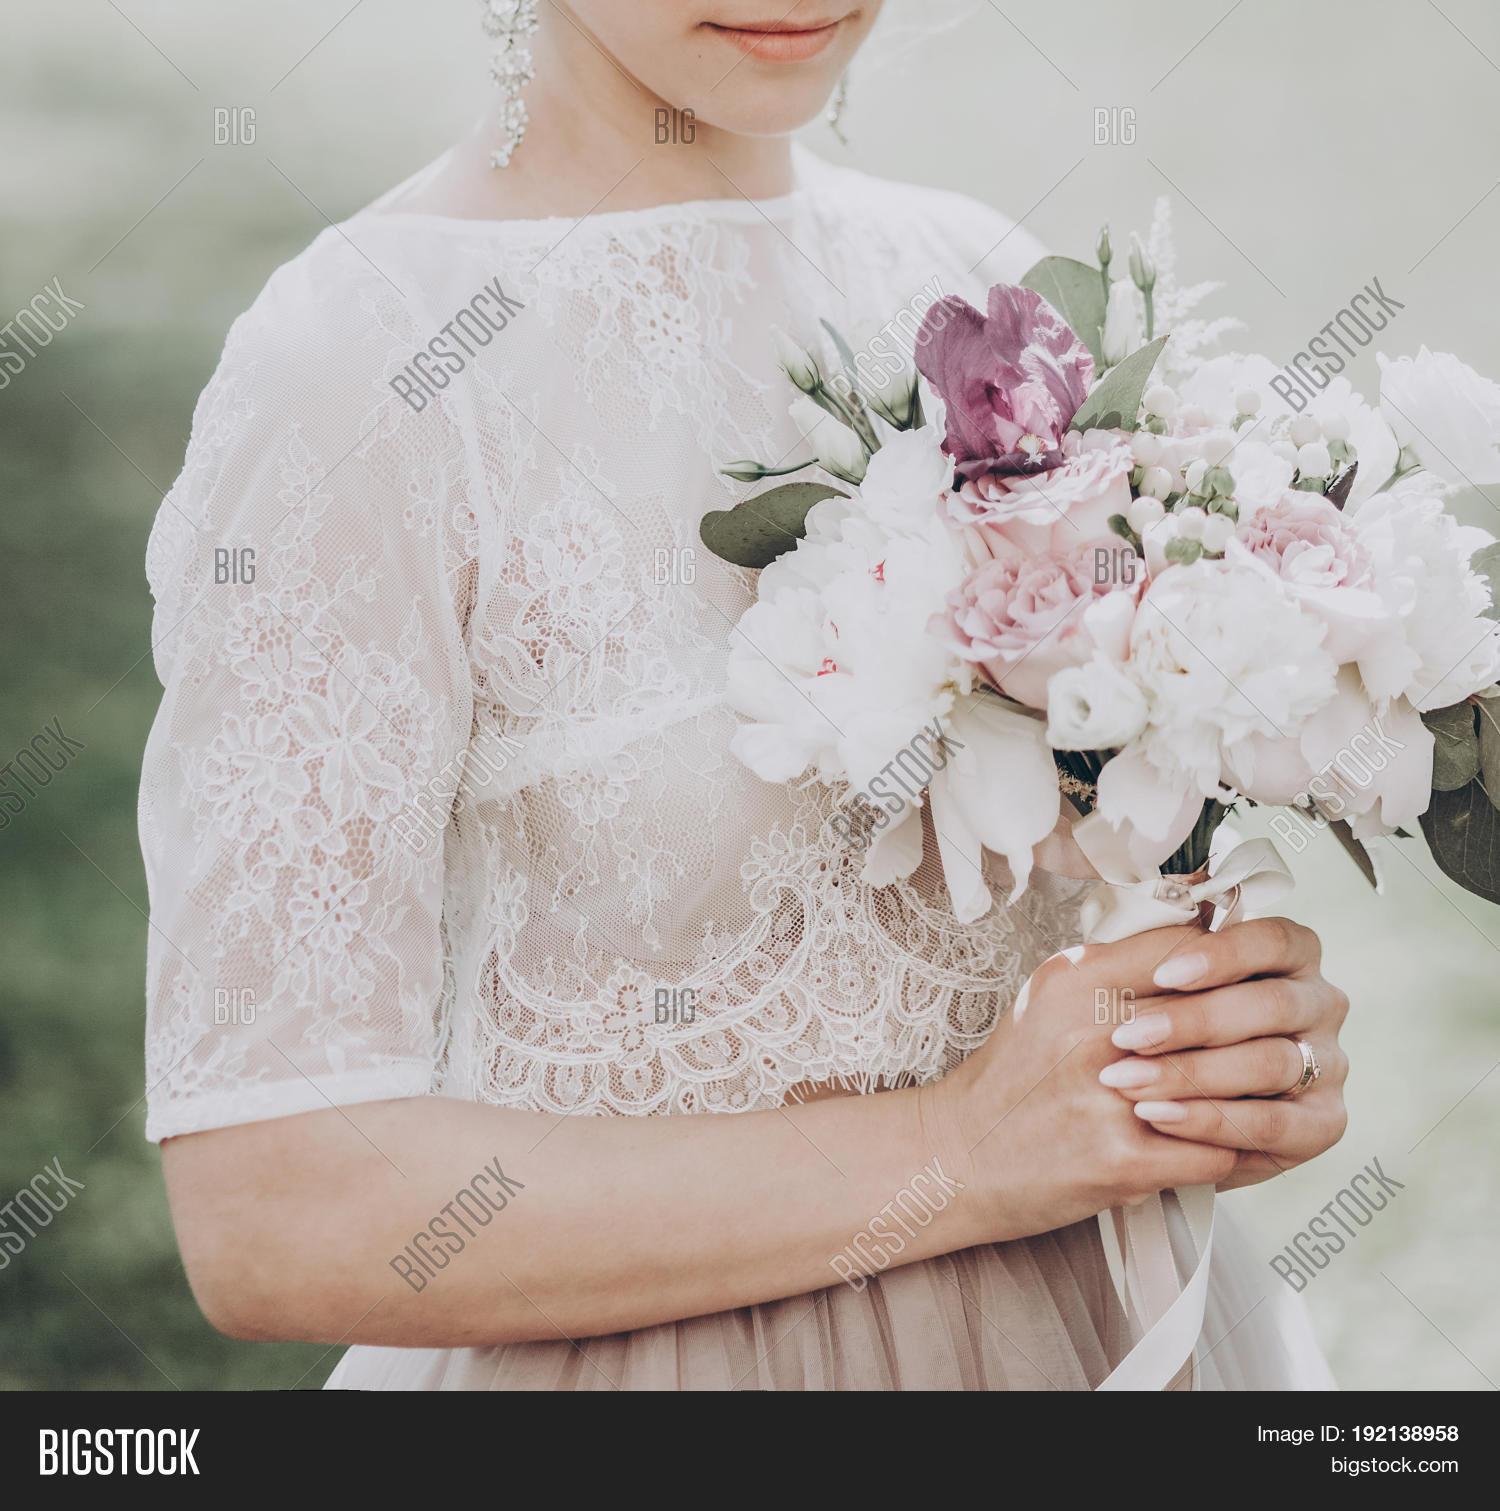 Stylish Wedding Bride Bouquet. Image & Photo   Bigstock